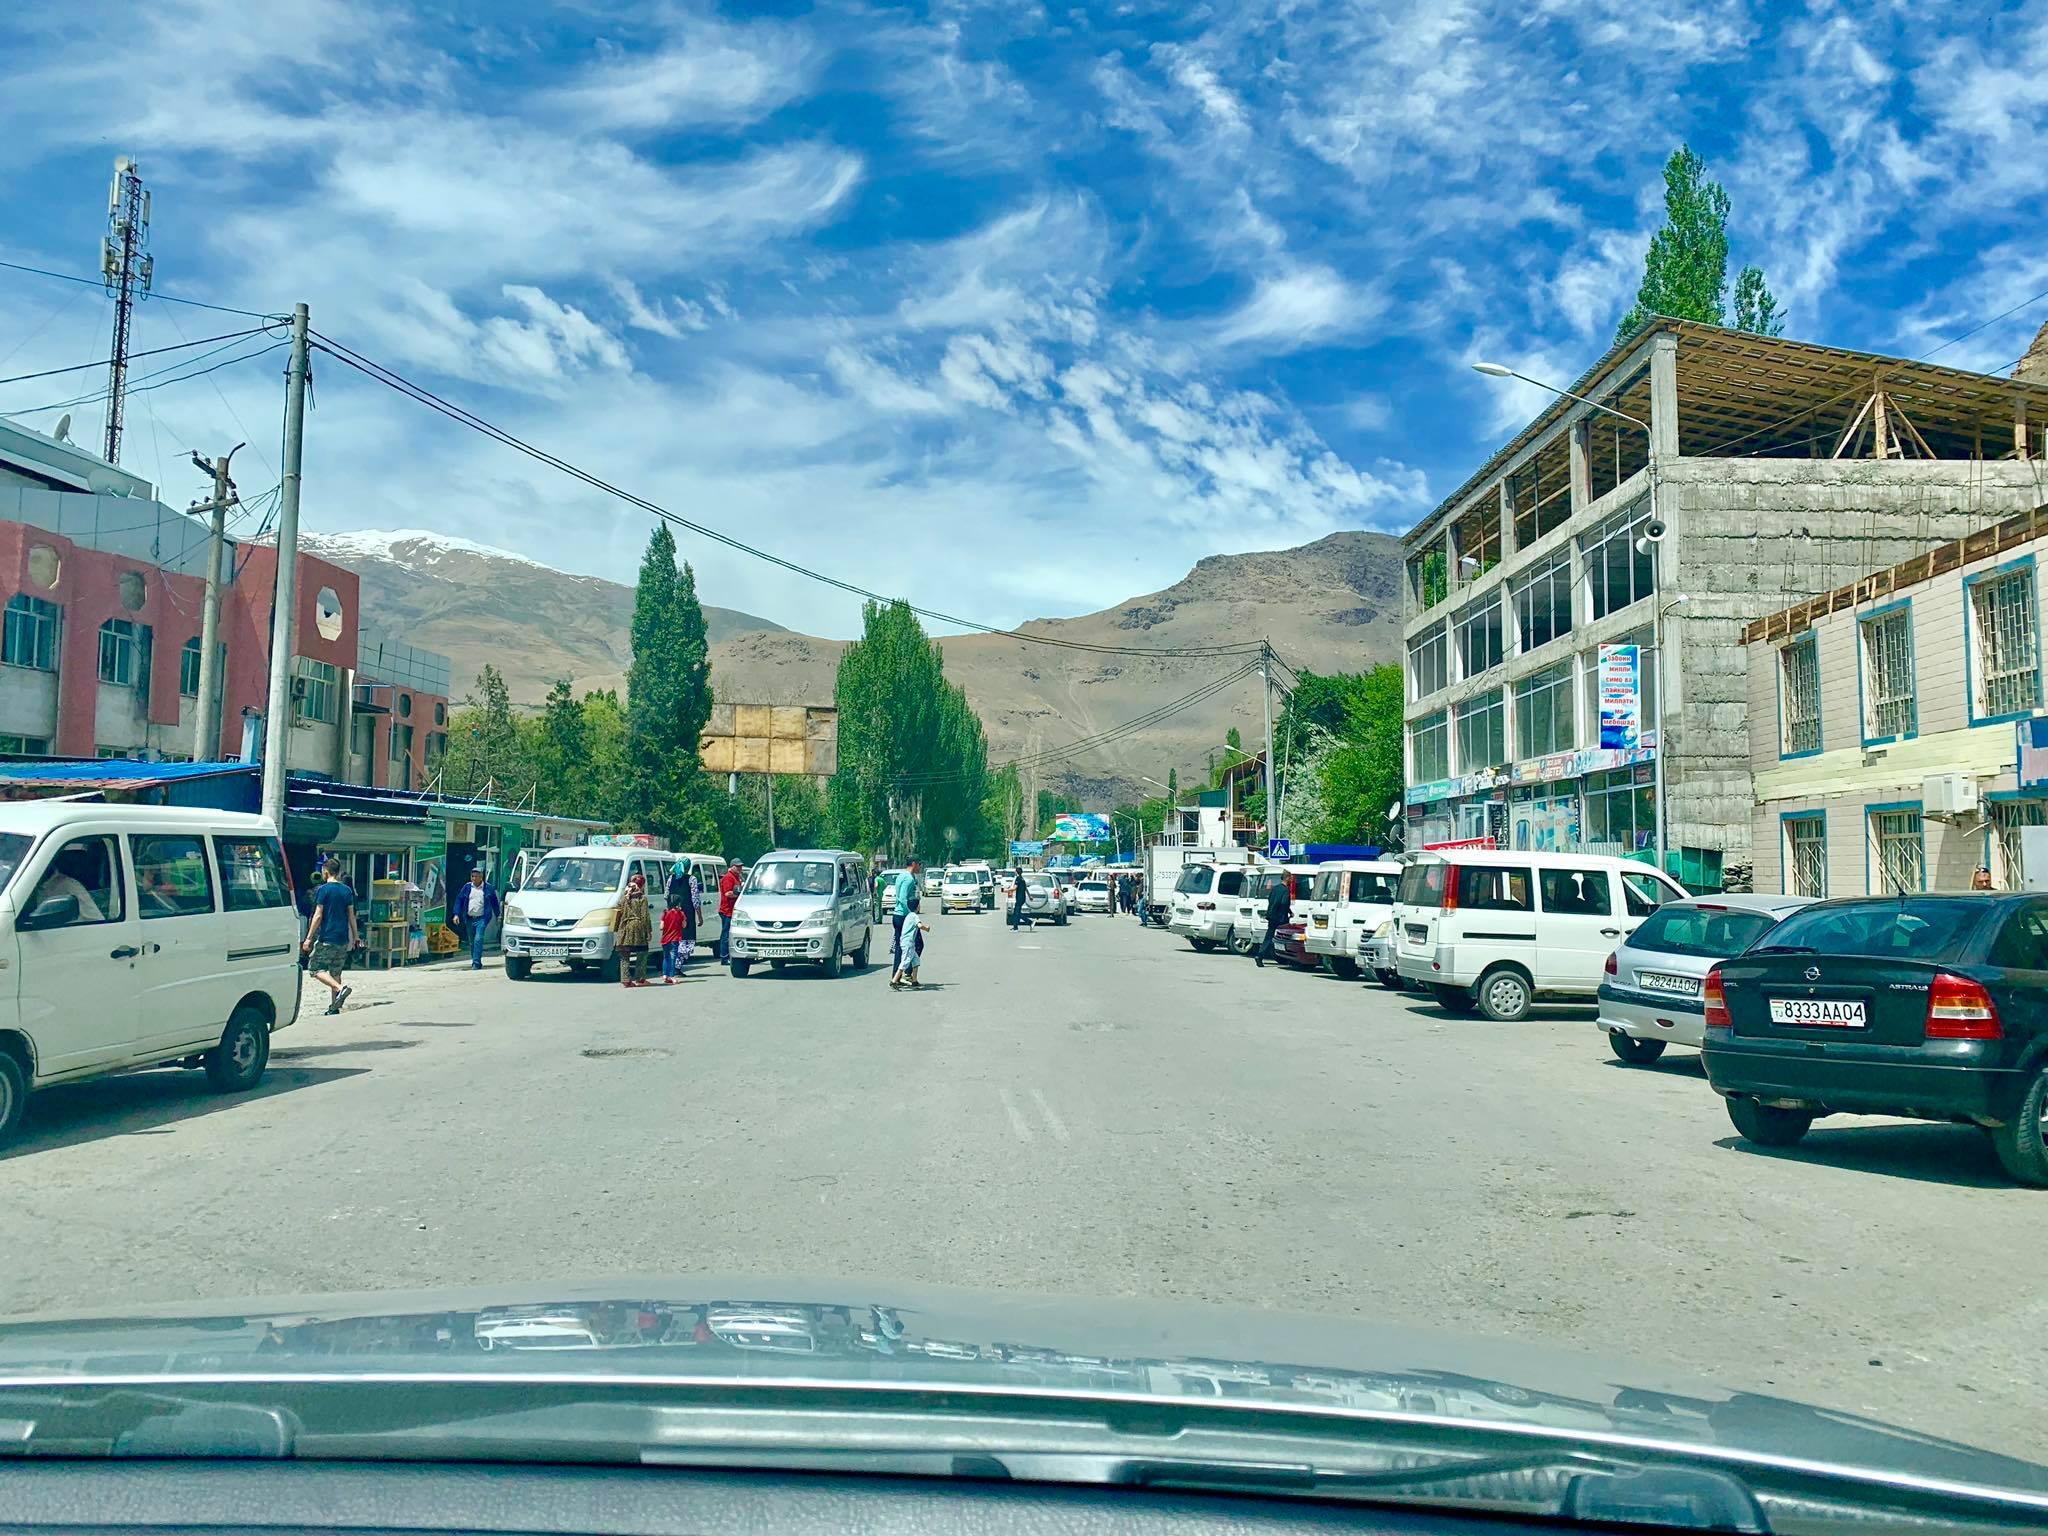 Kach Solo Travels in 2019 Pamir Highway Trip in Tajikistan.jpg